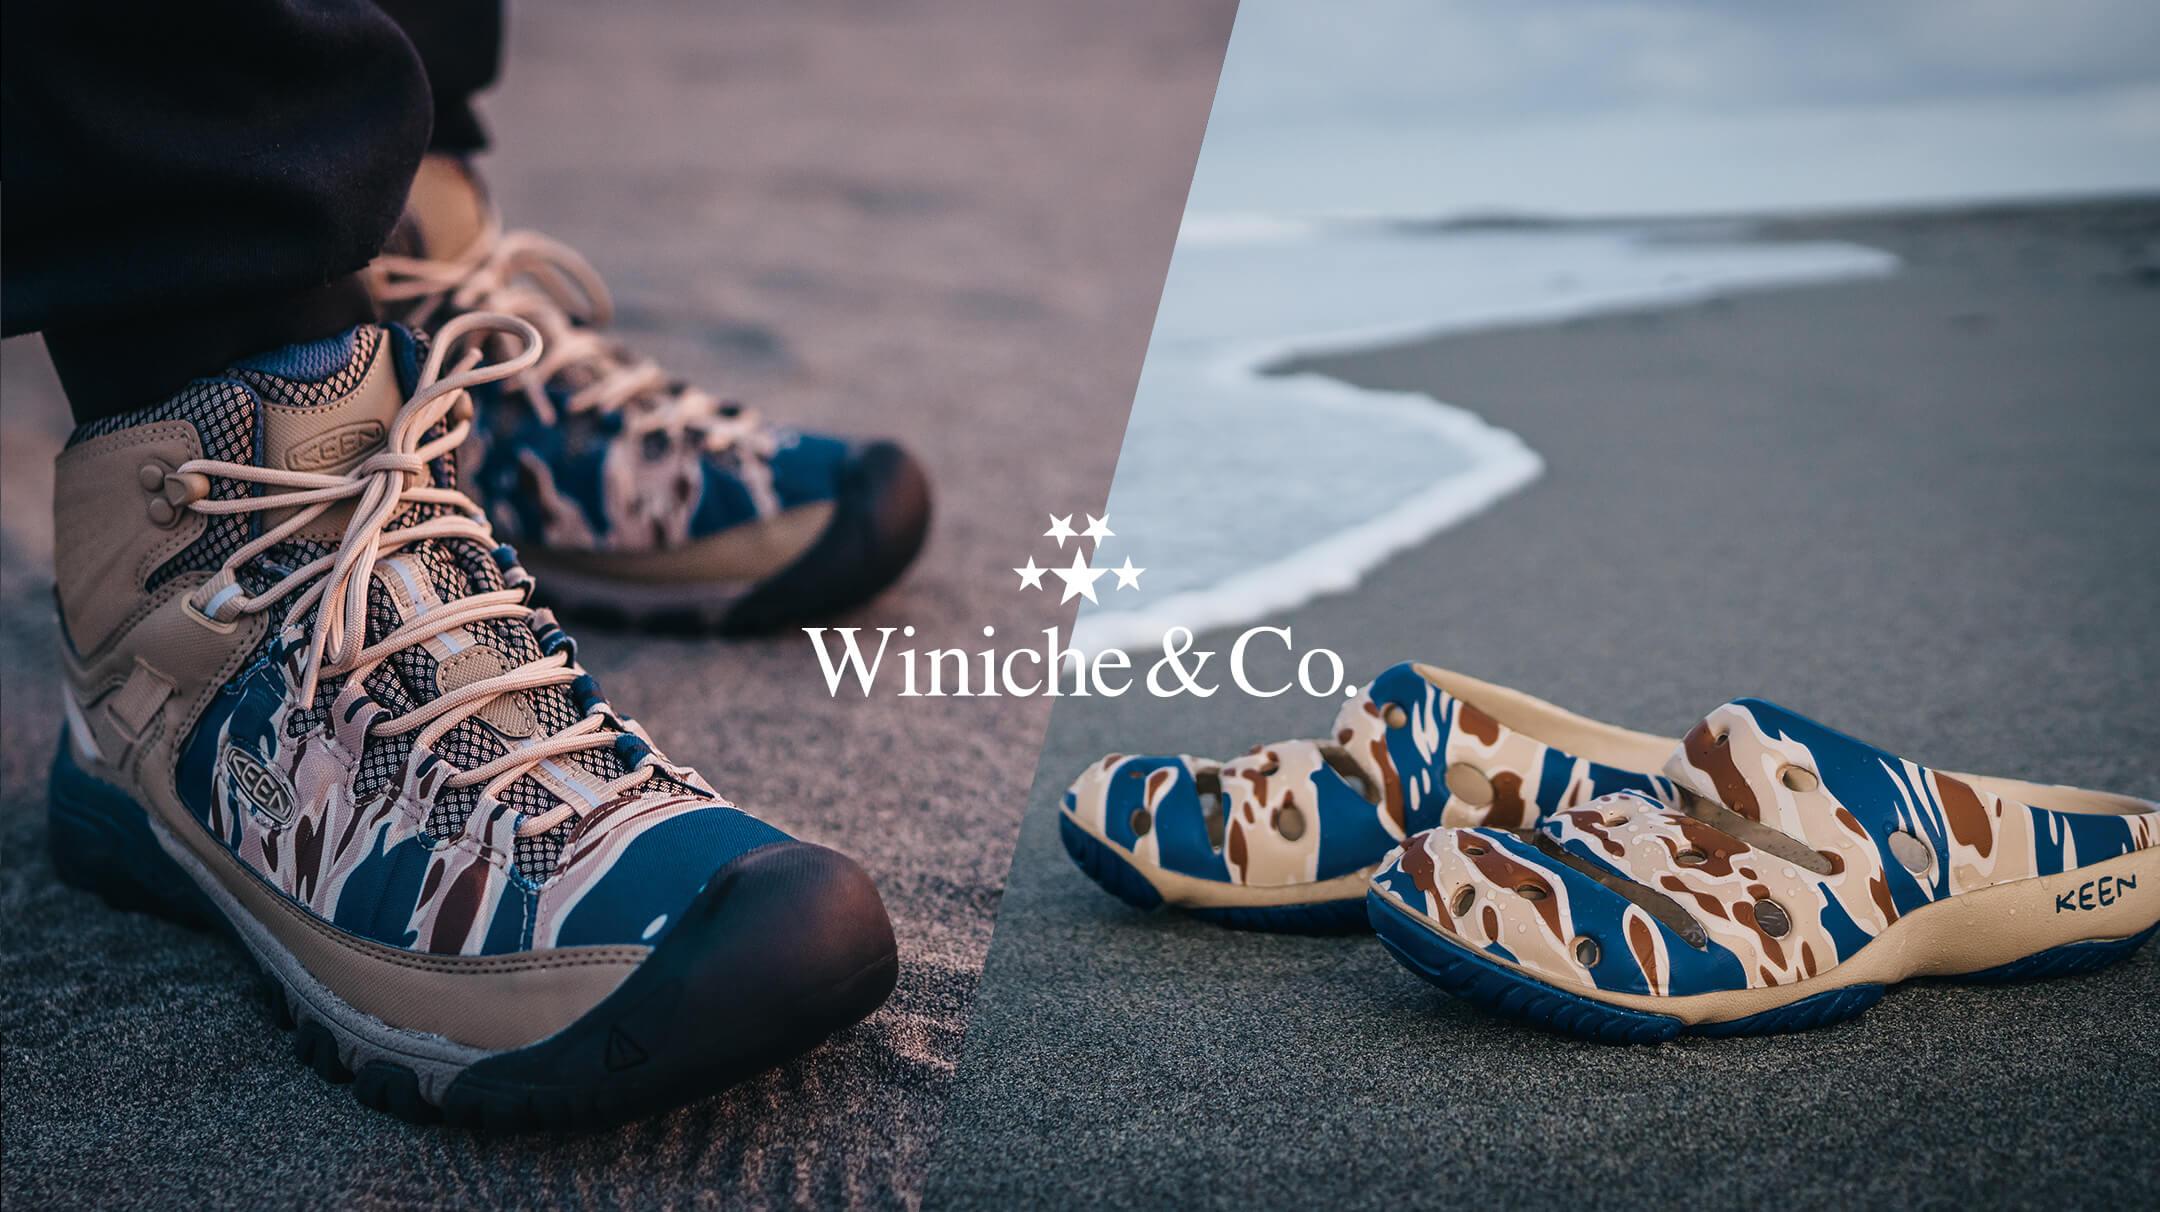 あらゆるロケーションにフィットする、KEEN × Winiche & Co.のコラボレーションパック。